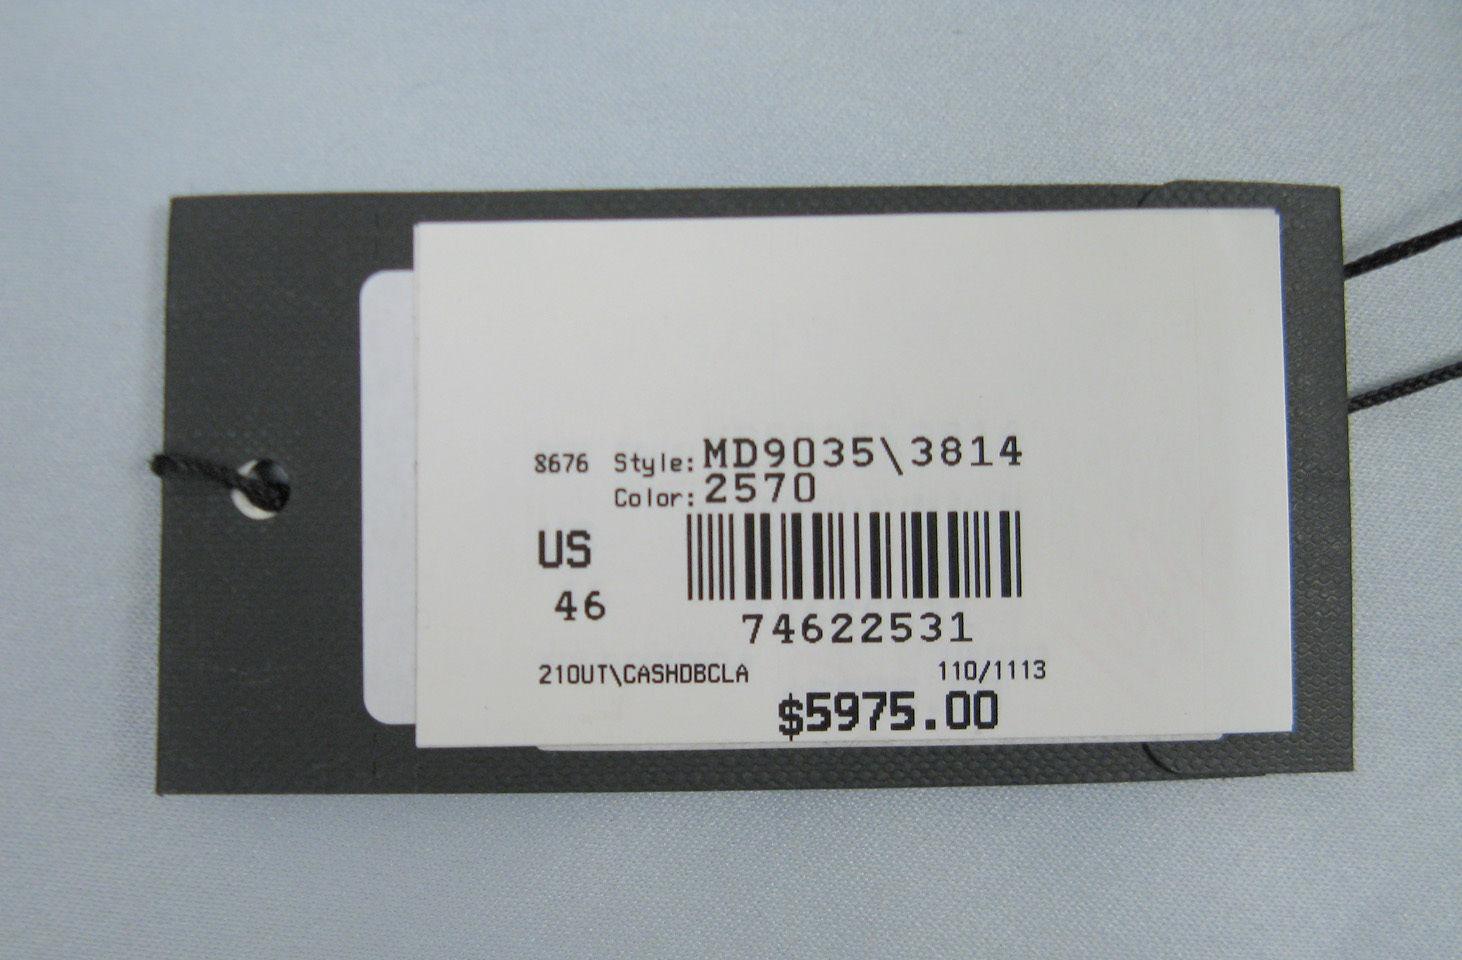 NEW $5975 Giorgio Armani Pure Cashmere Overcoat! 12 e 46 *Gorgeous Taupe*